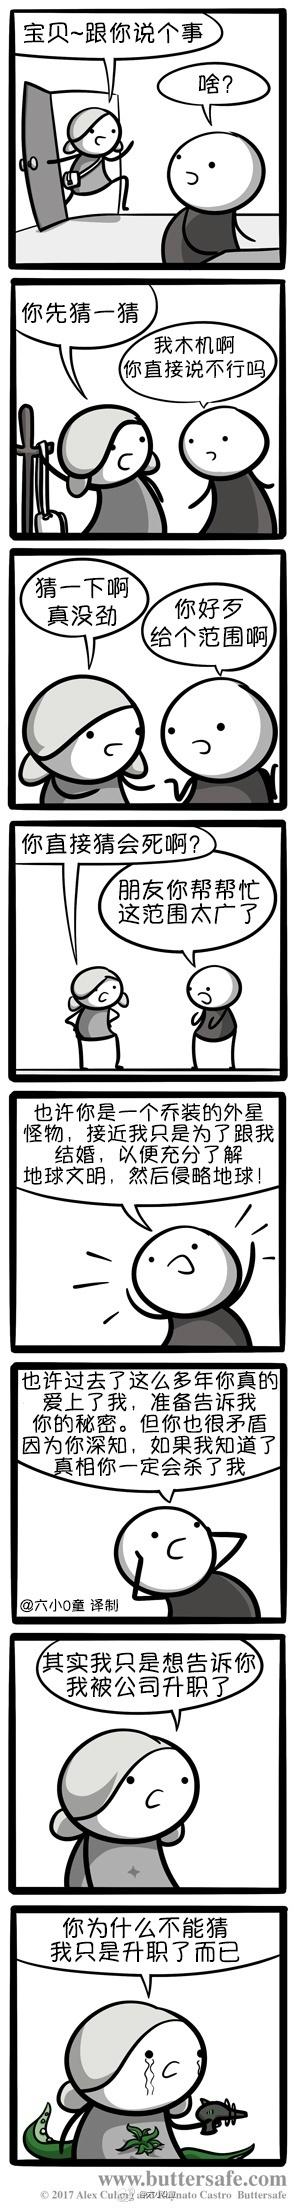 暴走漫画:妹子这样玩你居然受得了?